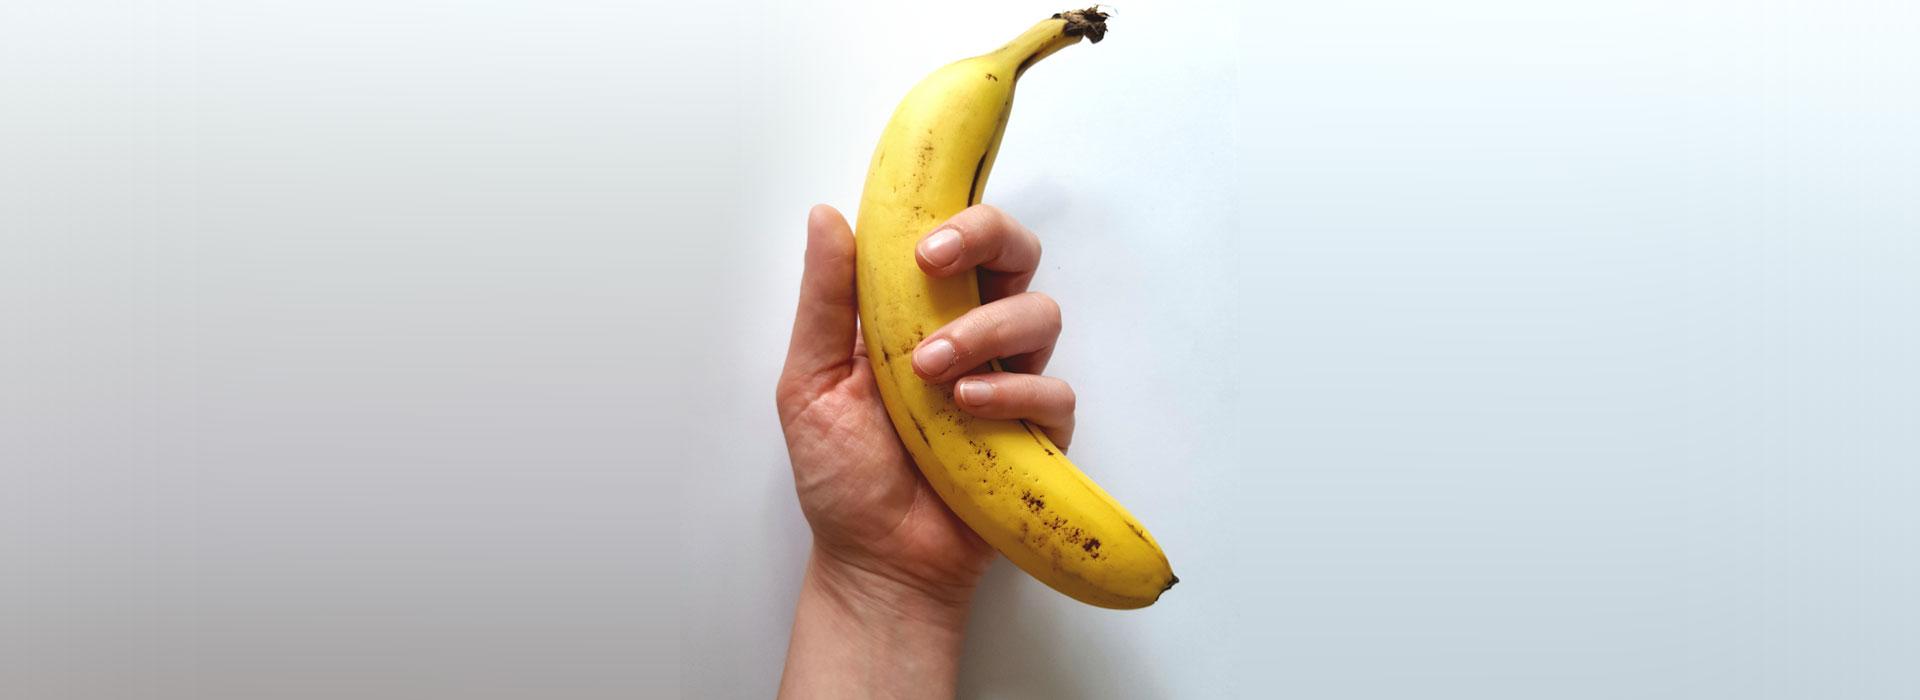 Problemas de erección Tipos Causas y Soluciones - erecc - ereccione